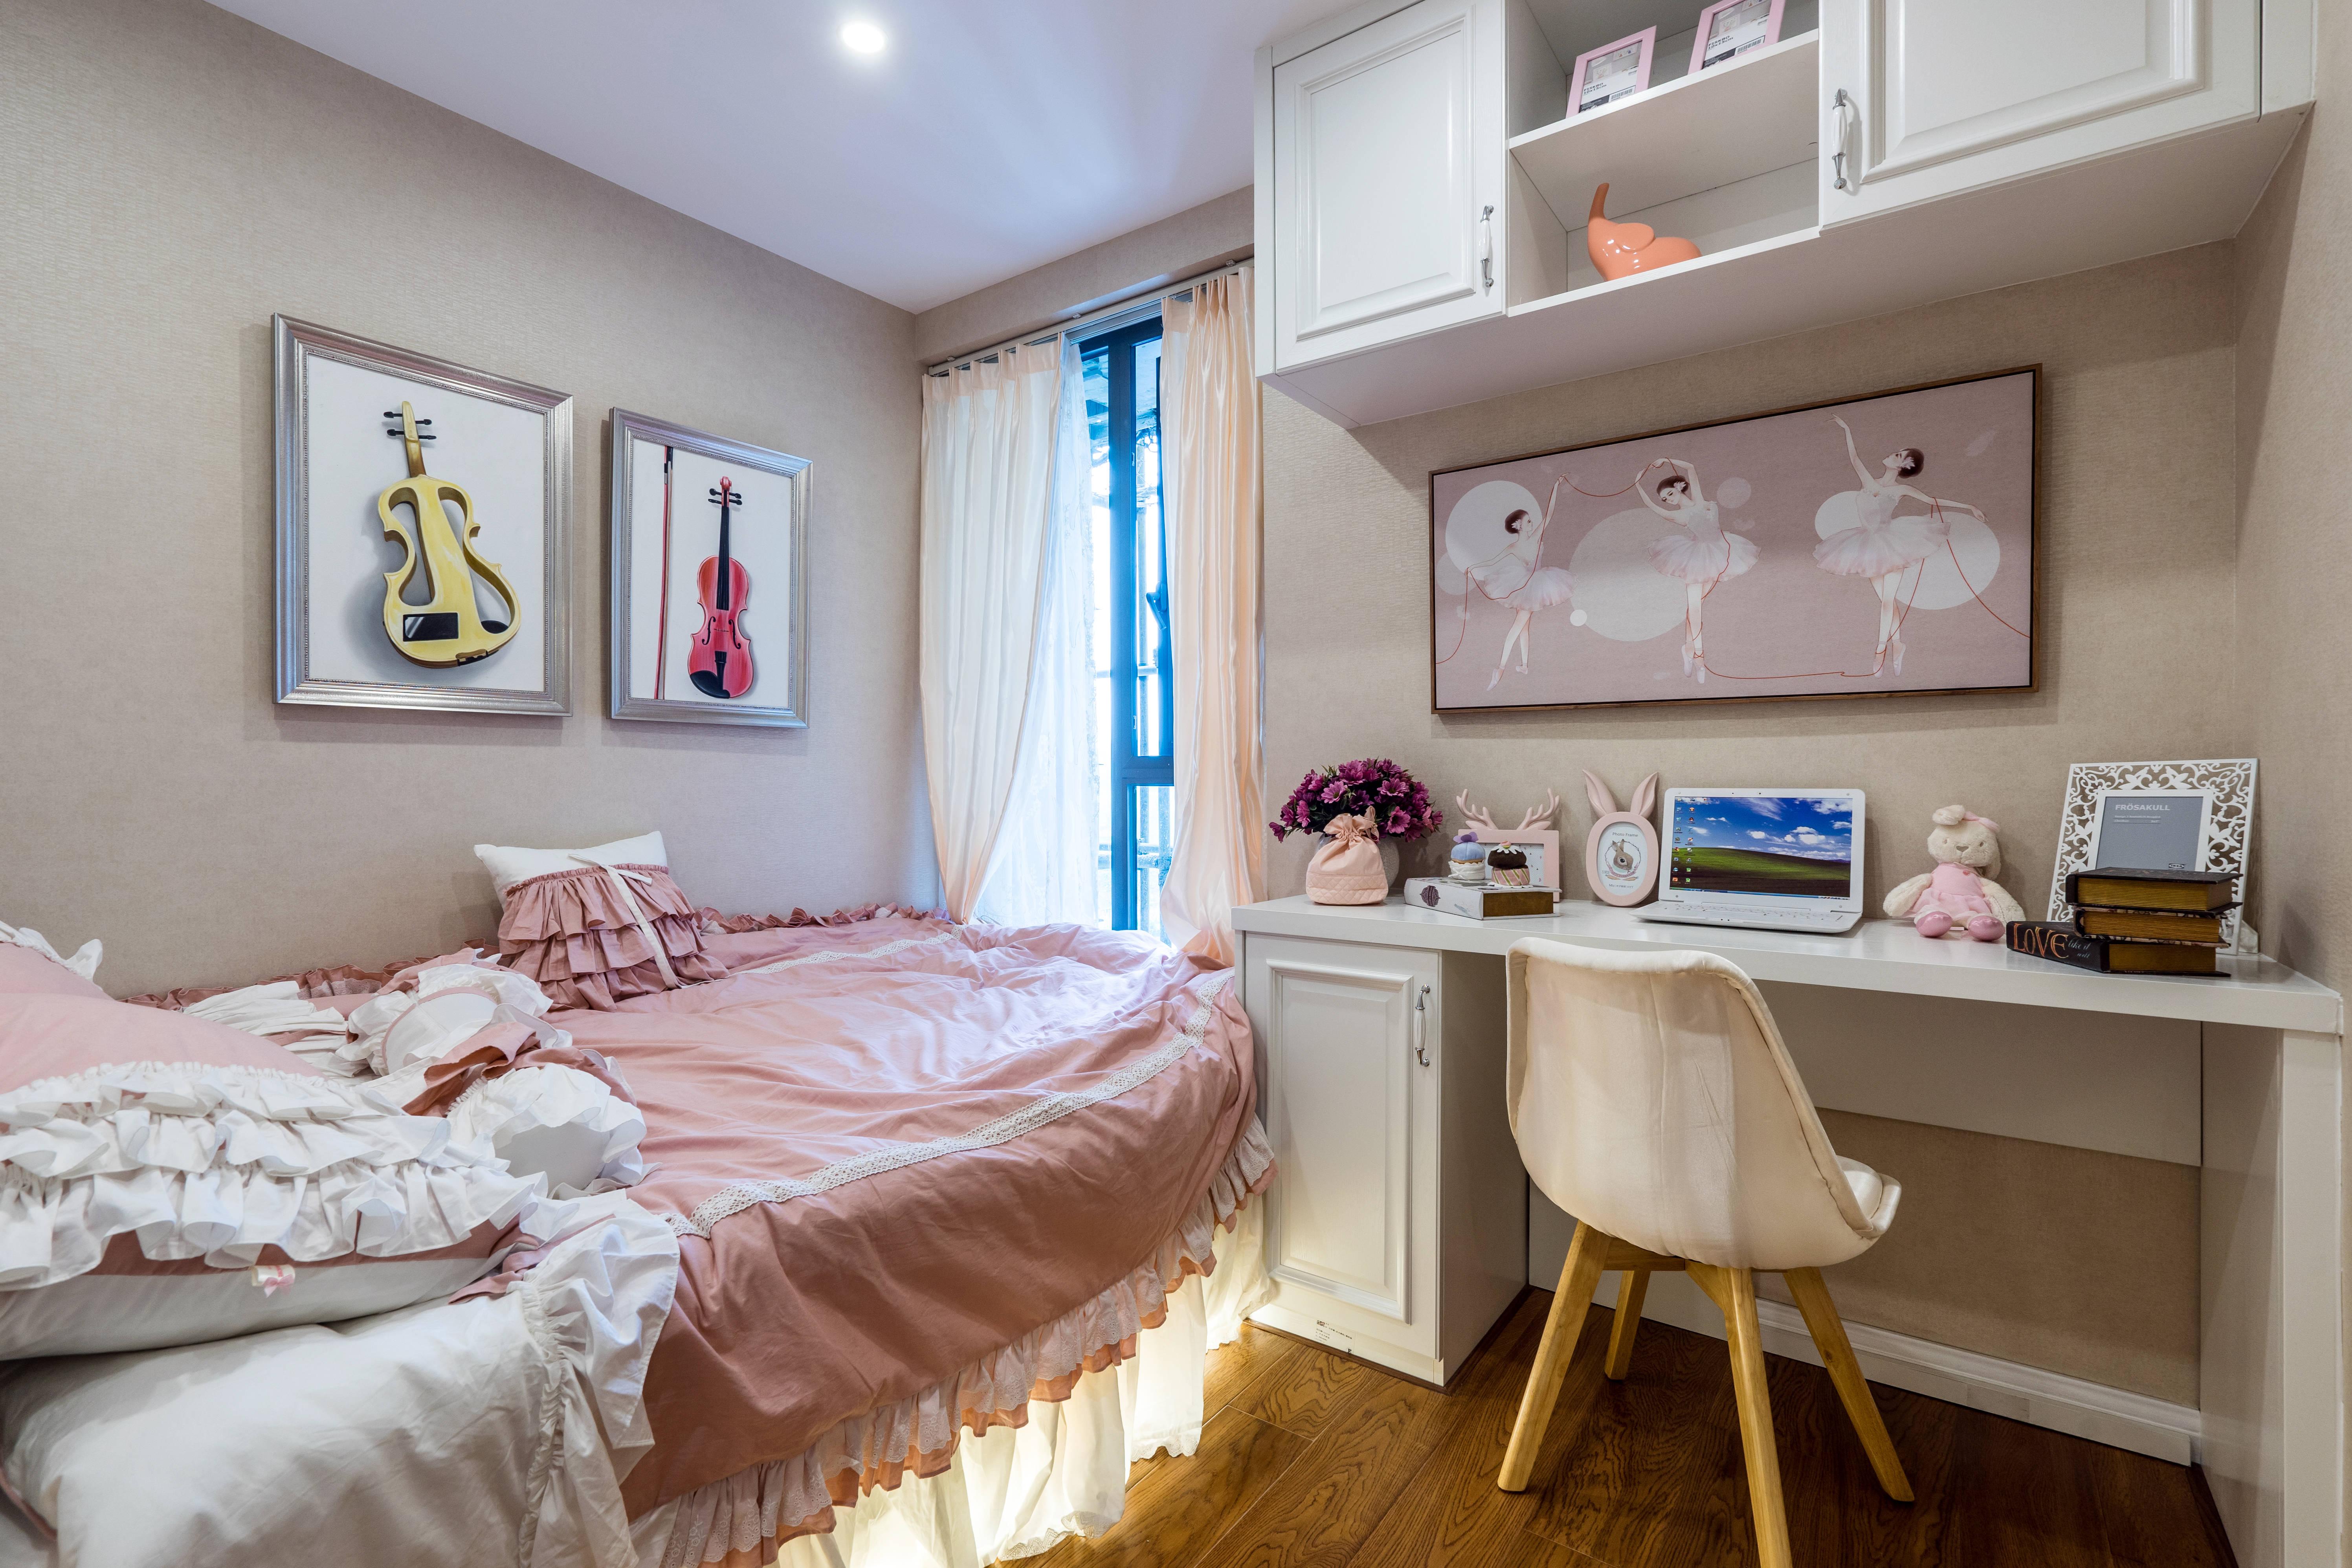 悠雅77平新古典三居卧室装饰美图卧室1图美式经典卧室设计图片赏析